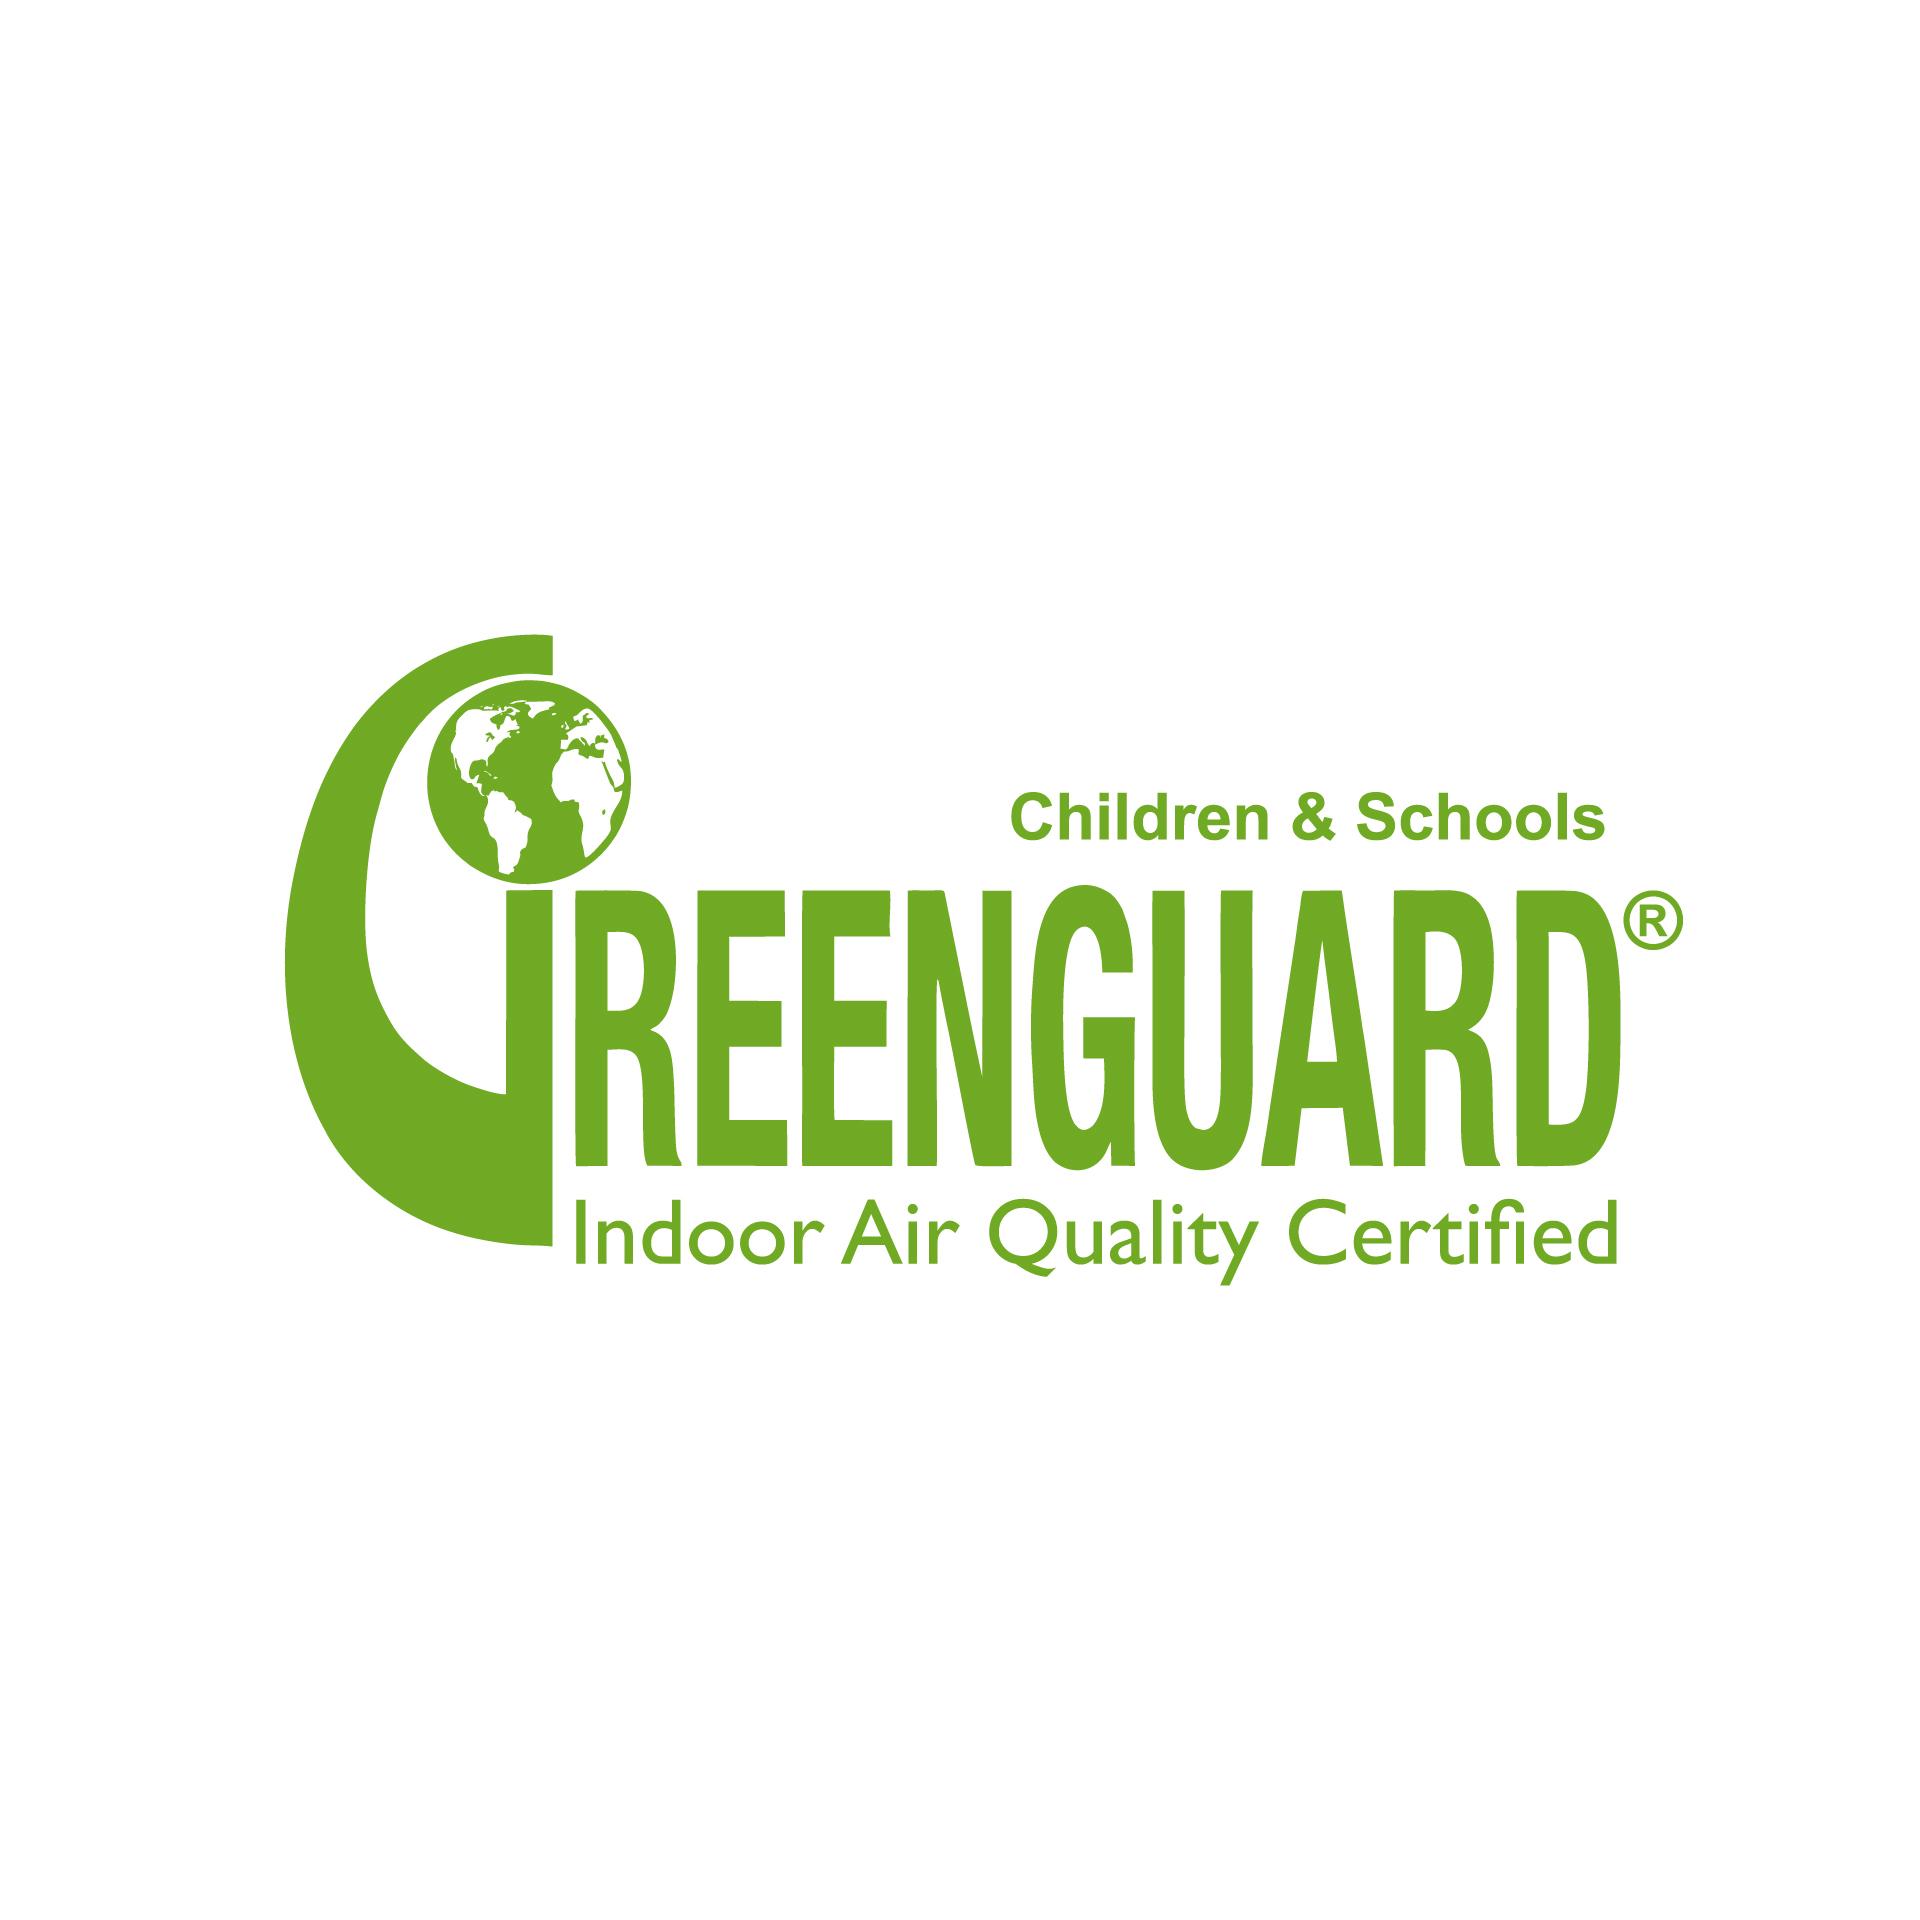 GreanGuard-Children-&-Schools